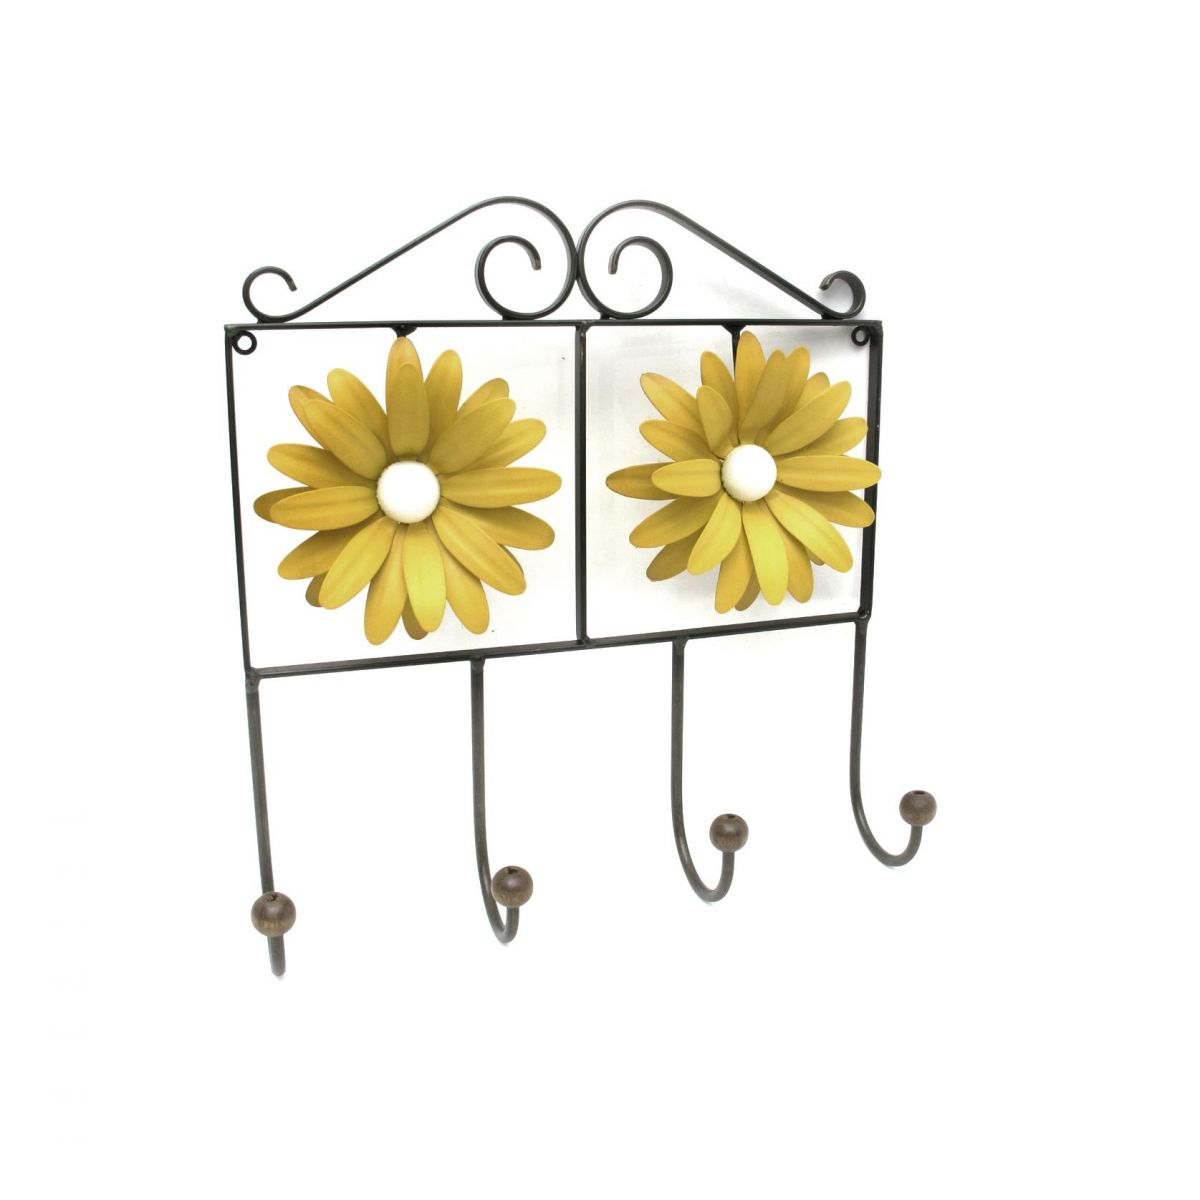 Cabide de Quarto para Roupa de Ferro com Flores Artesanais Rustico de Lata